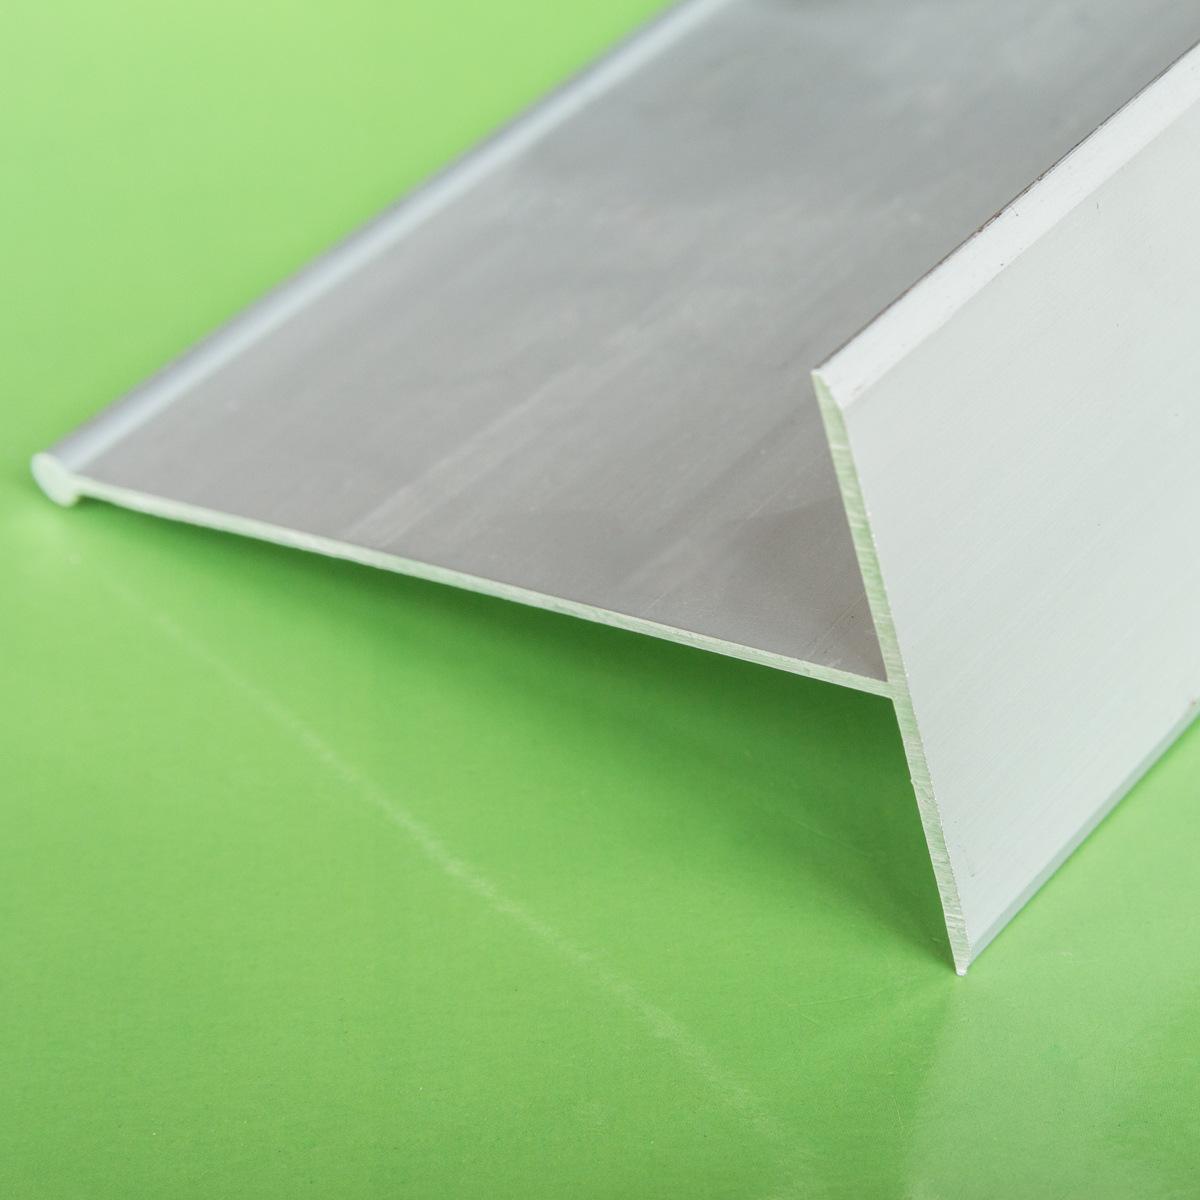 JQ NLSX Nhôm Xưởng chống bụi nhà xưởng hợp kim nhôm trần trực tiếp keel nhôm profile 8550T nhôm màu